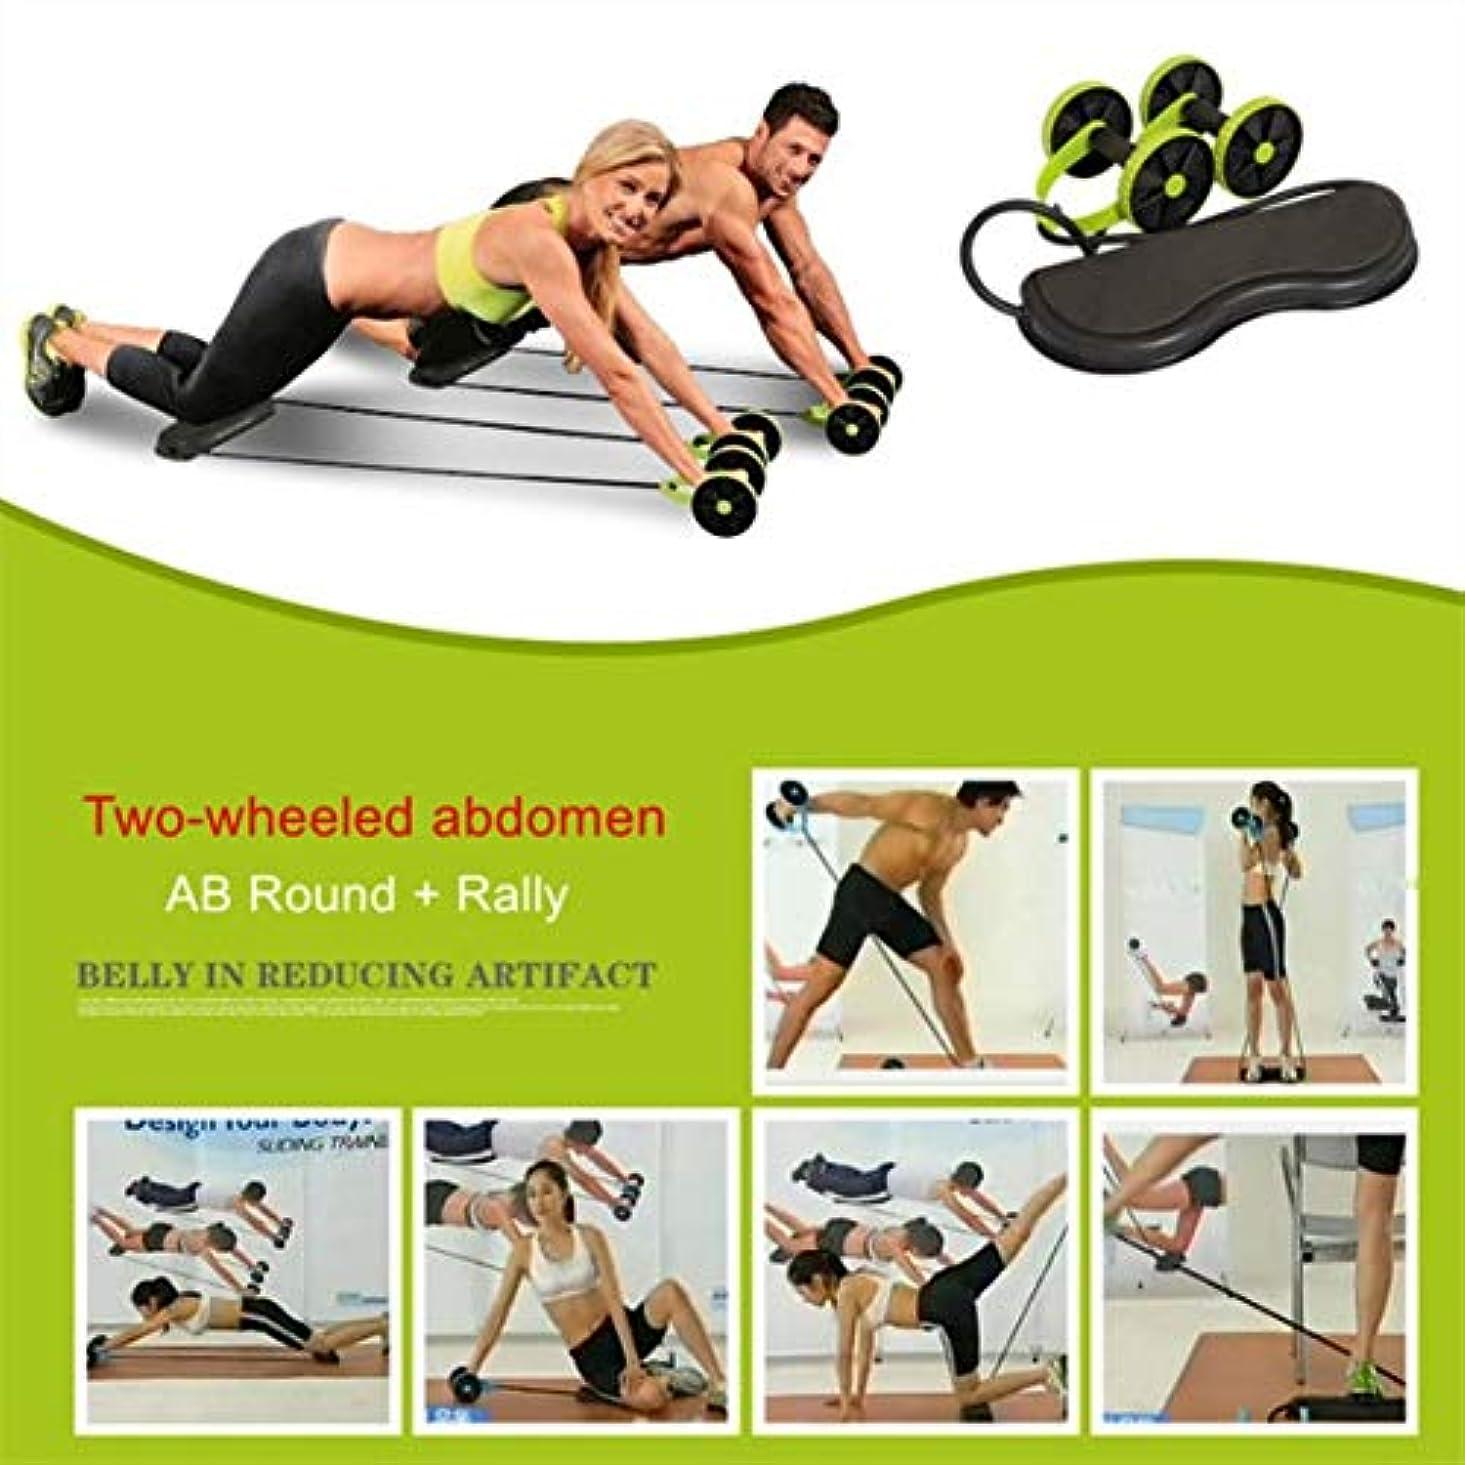 に沿って陰謀嘆くJS-04多機能腹輪腹筋輪腹輪テンションロープ筋肉トレーニングマシン(グリーン&ブラック)